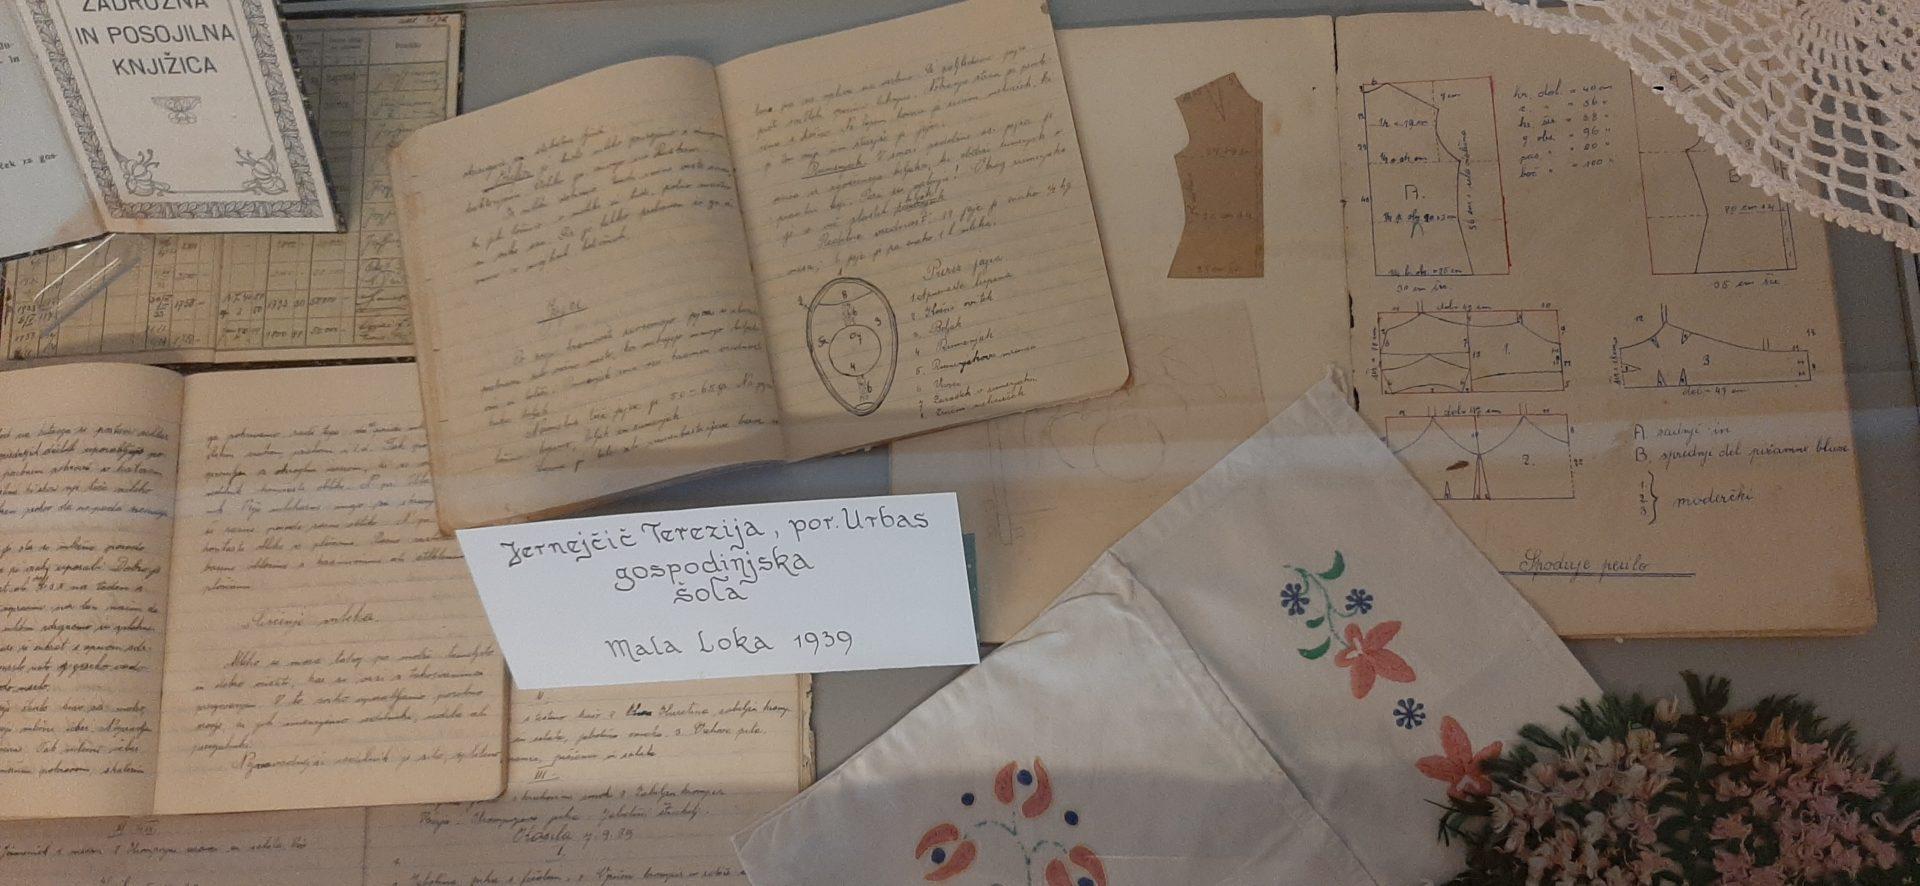 20200622 103642 - Kulturna dediščina naših krajev I - razstava društva Klasje Cerknica